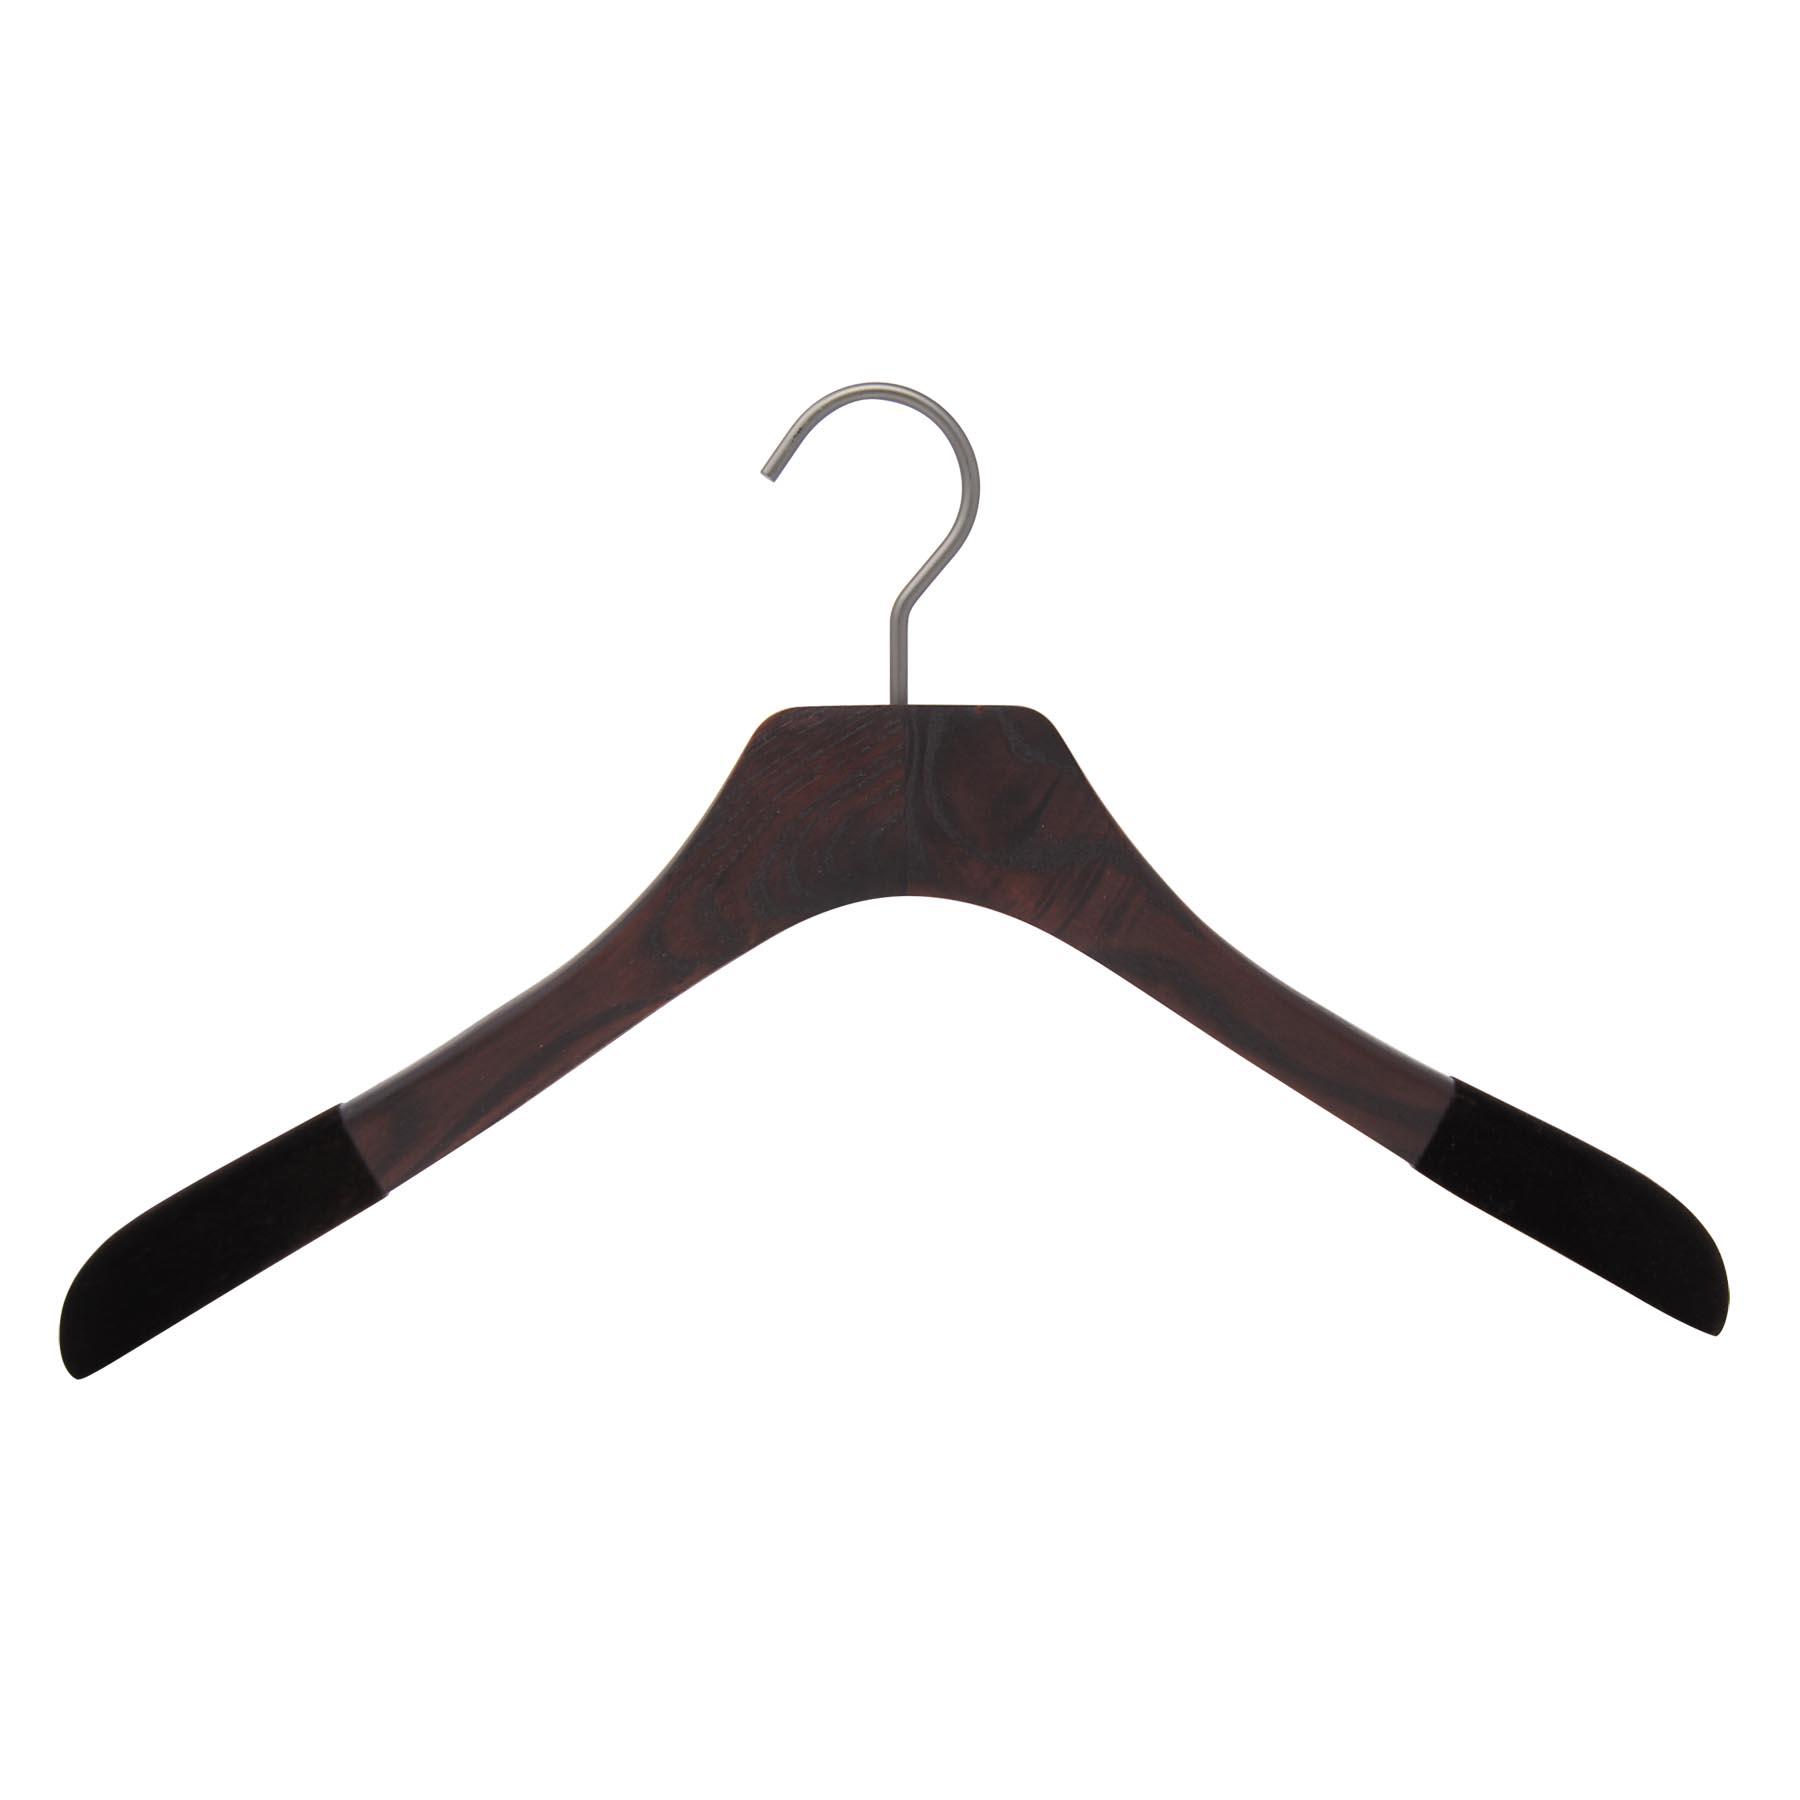 10 cintres pour chemises en frêne - Coloris noyer mat